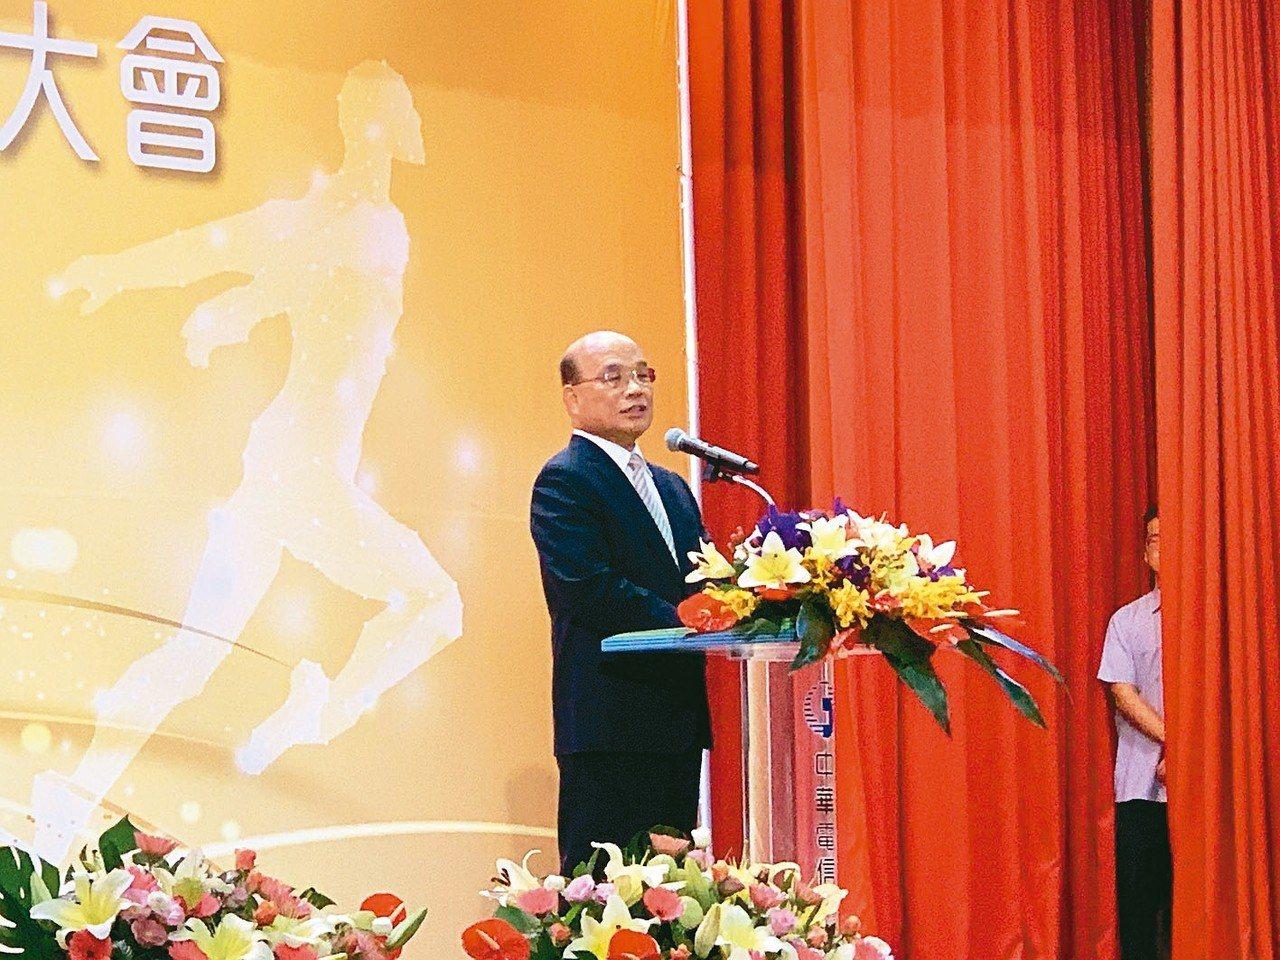 行政院長蘇貞昌出席中華電信績優人員表揚大會。 記者馬瑞璿/攝影